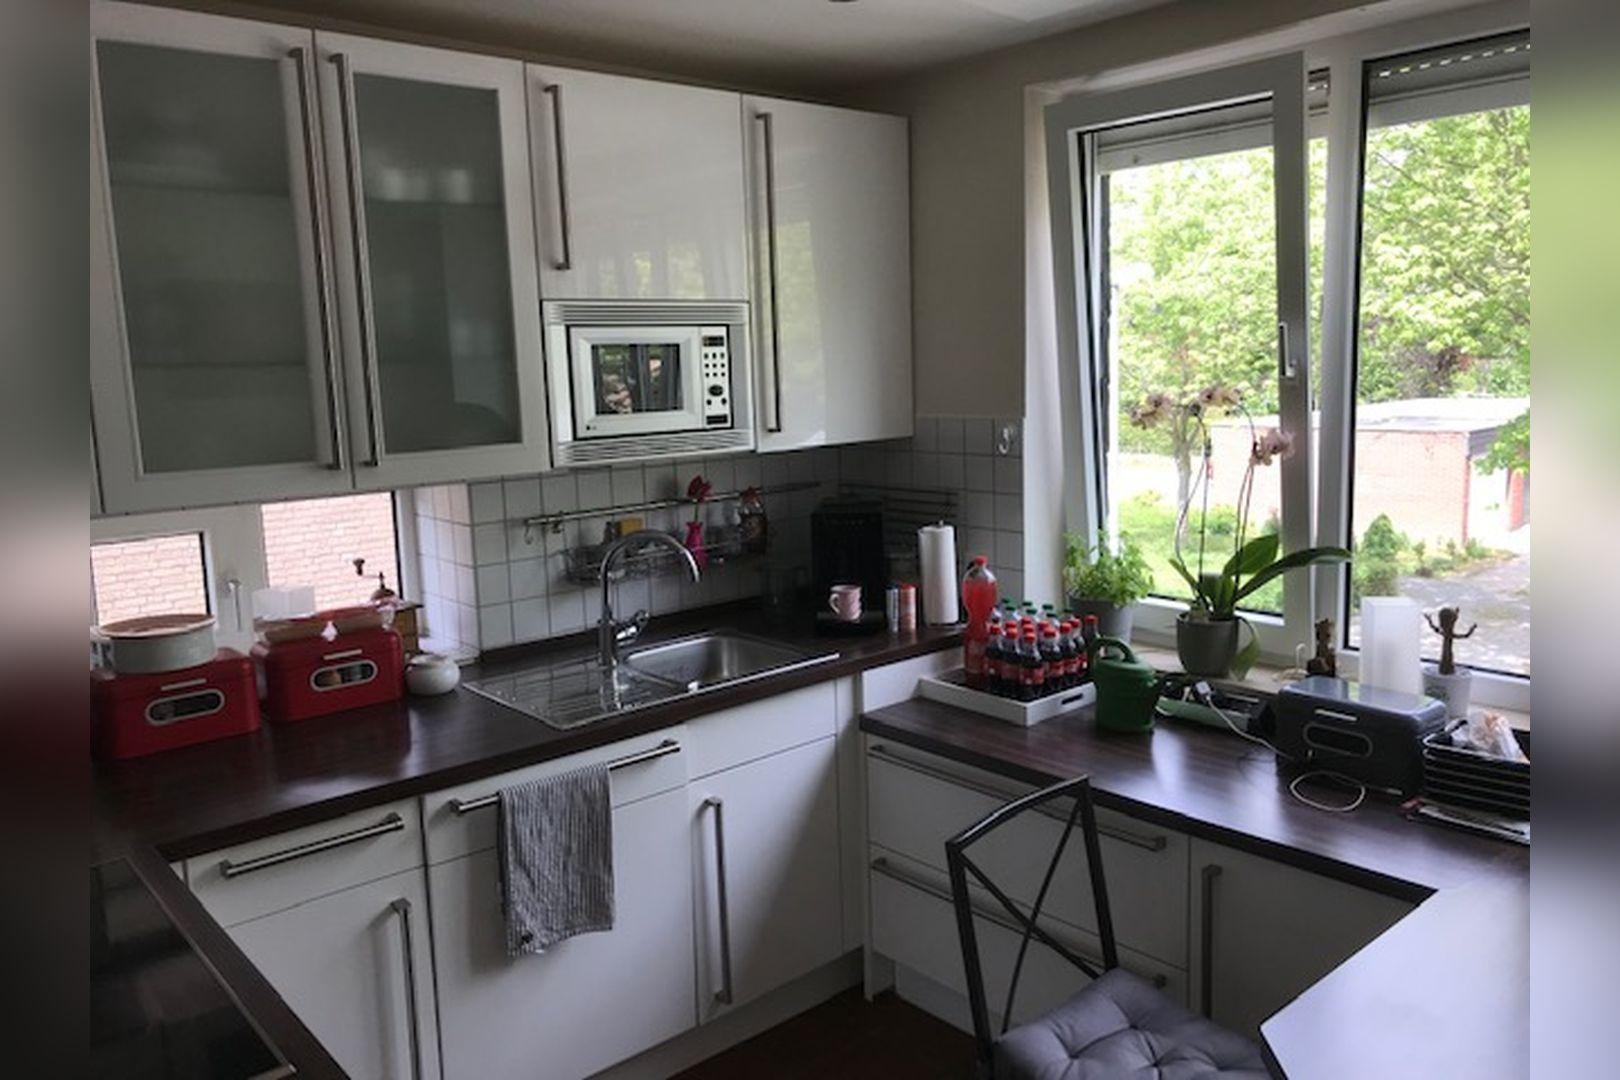 Immobilie Nr.0264 - großzügige Vier-Raum-Wohnung mit Riesenkellerraum für Hobby etc. - Bild 11.jpg